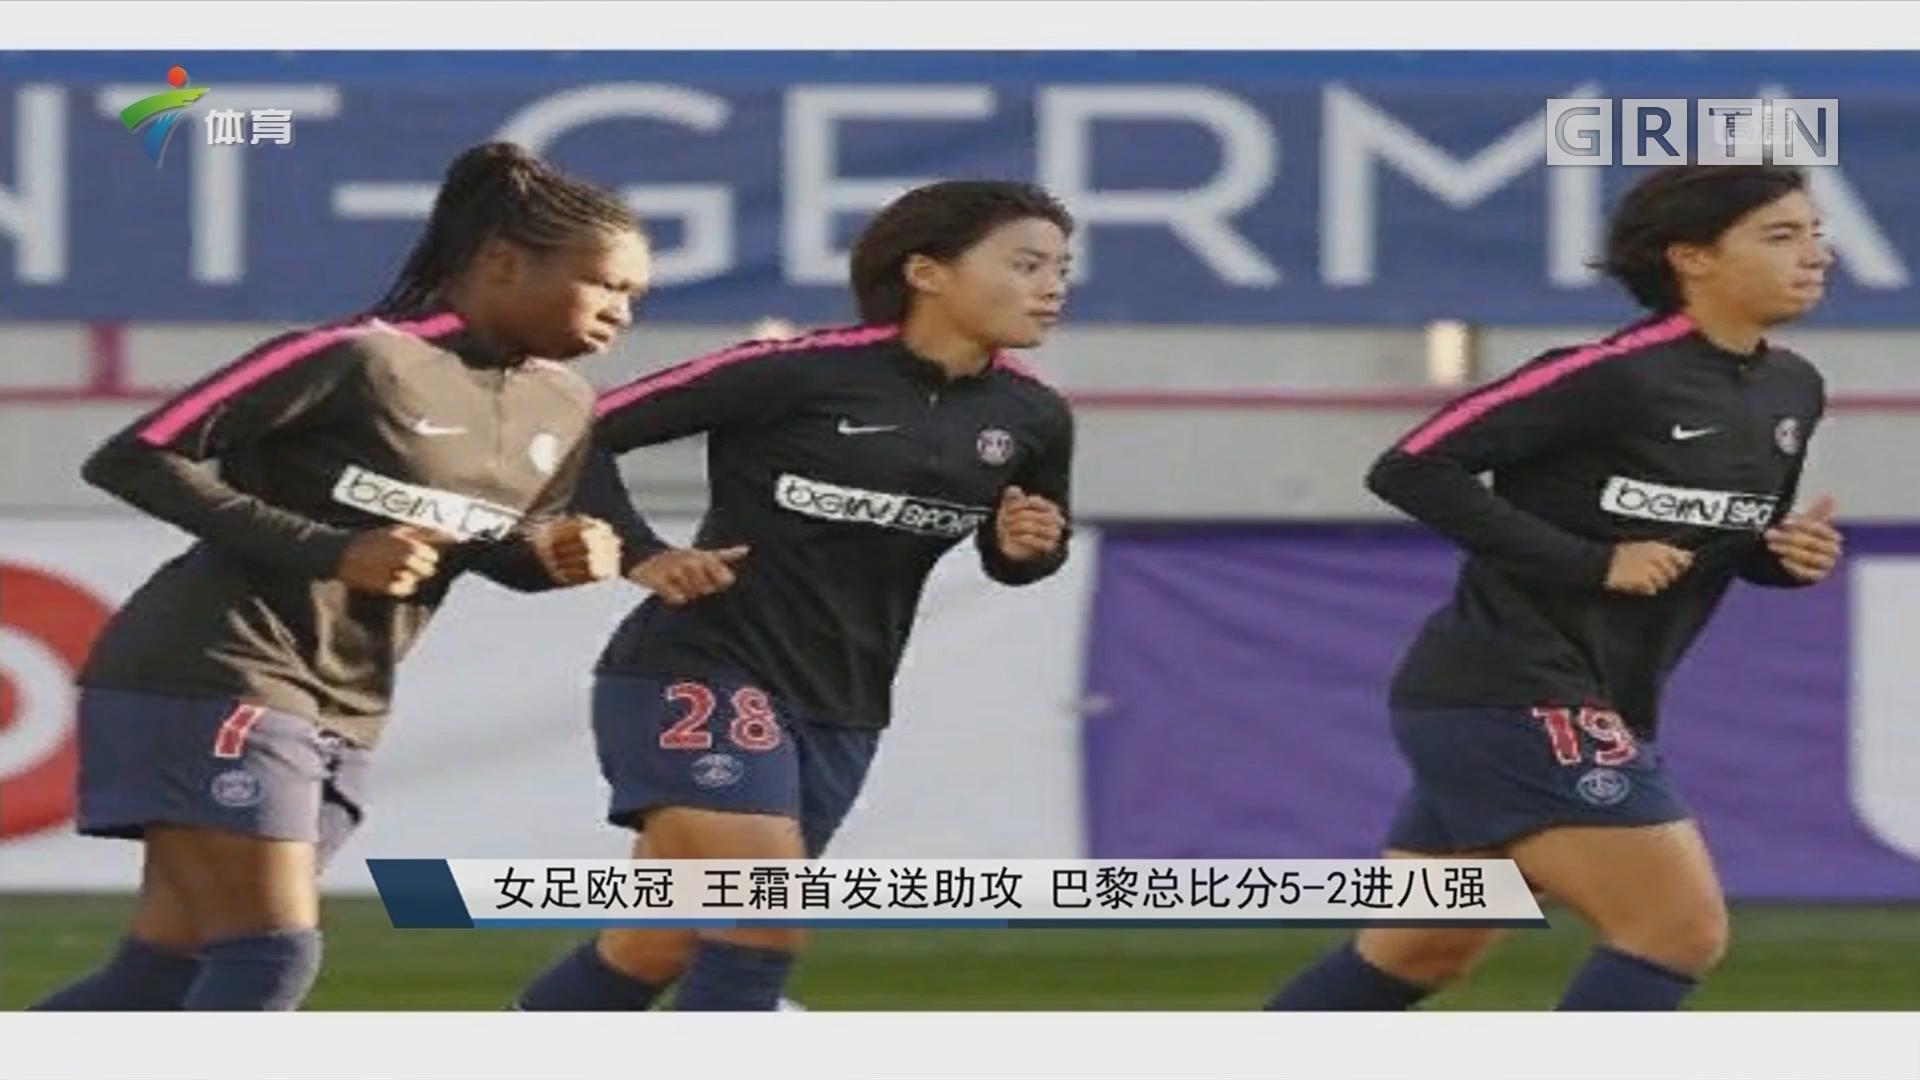 女足欧冠 王霜首发送助攻 巴黎总比分5—2进八强